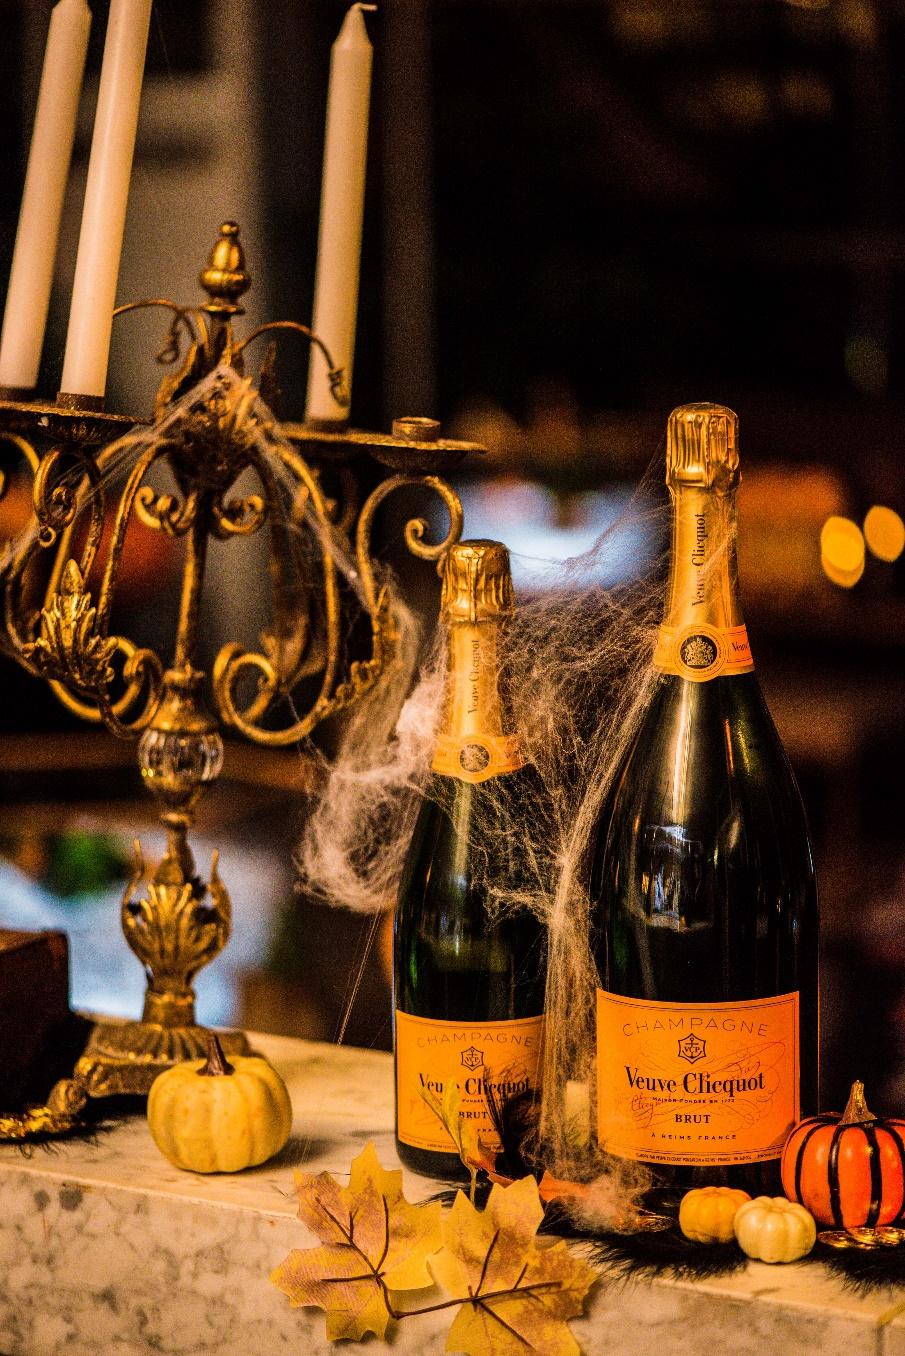 凯歌香槟万圣节沉浸式狂欢派对惊奇开启插图(2)